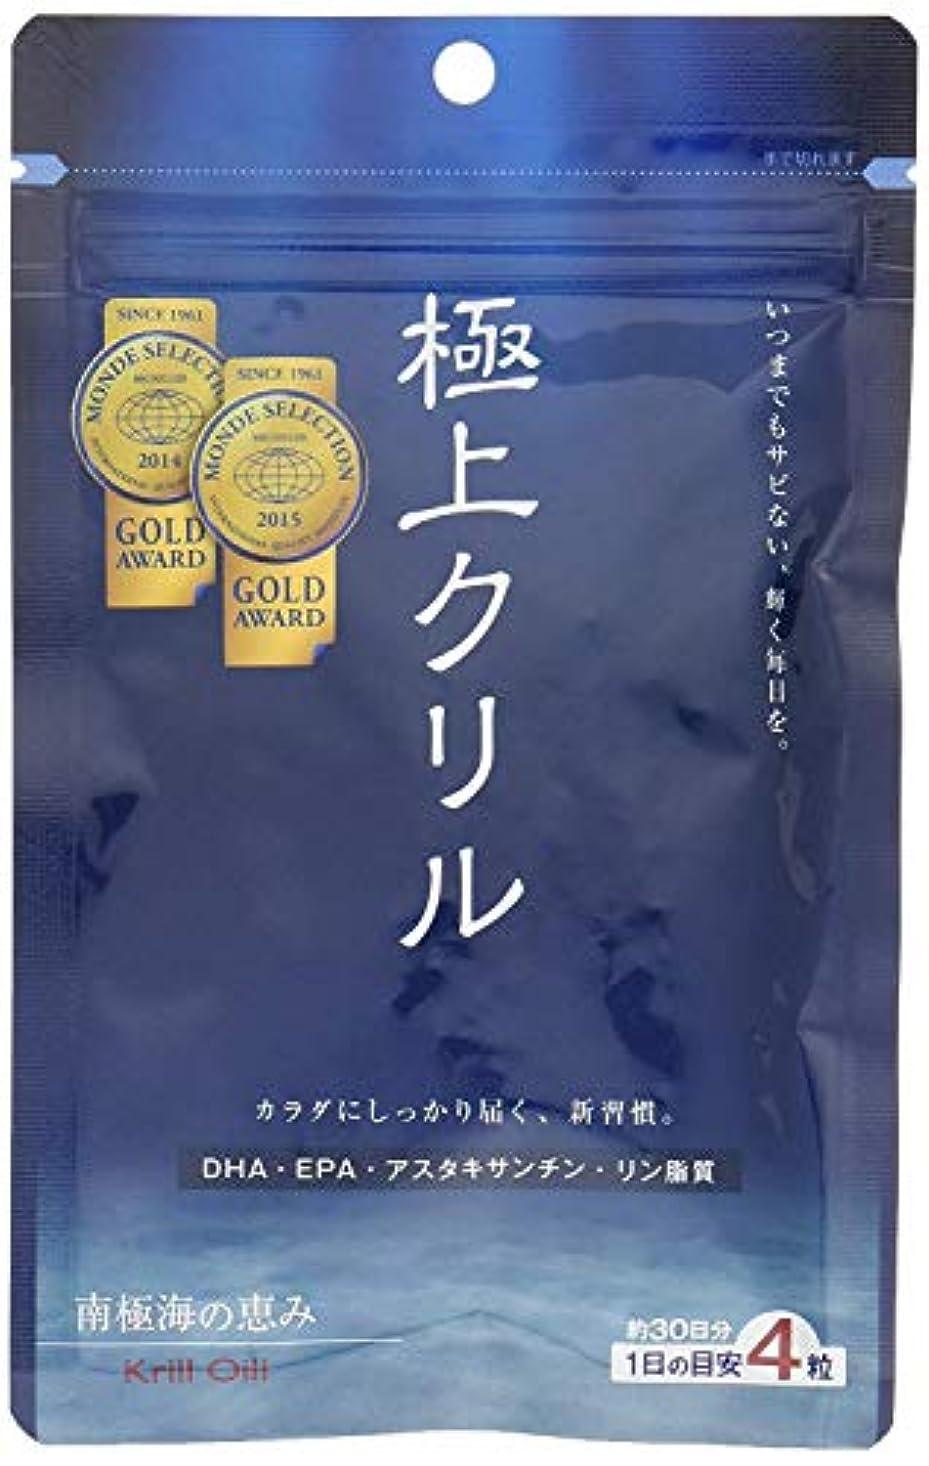 縮約悩む監督する極上クリル120粒 100%クリルオイル (約1ヶ月分) 日本製